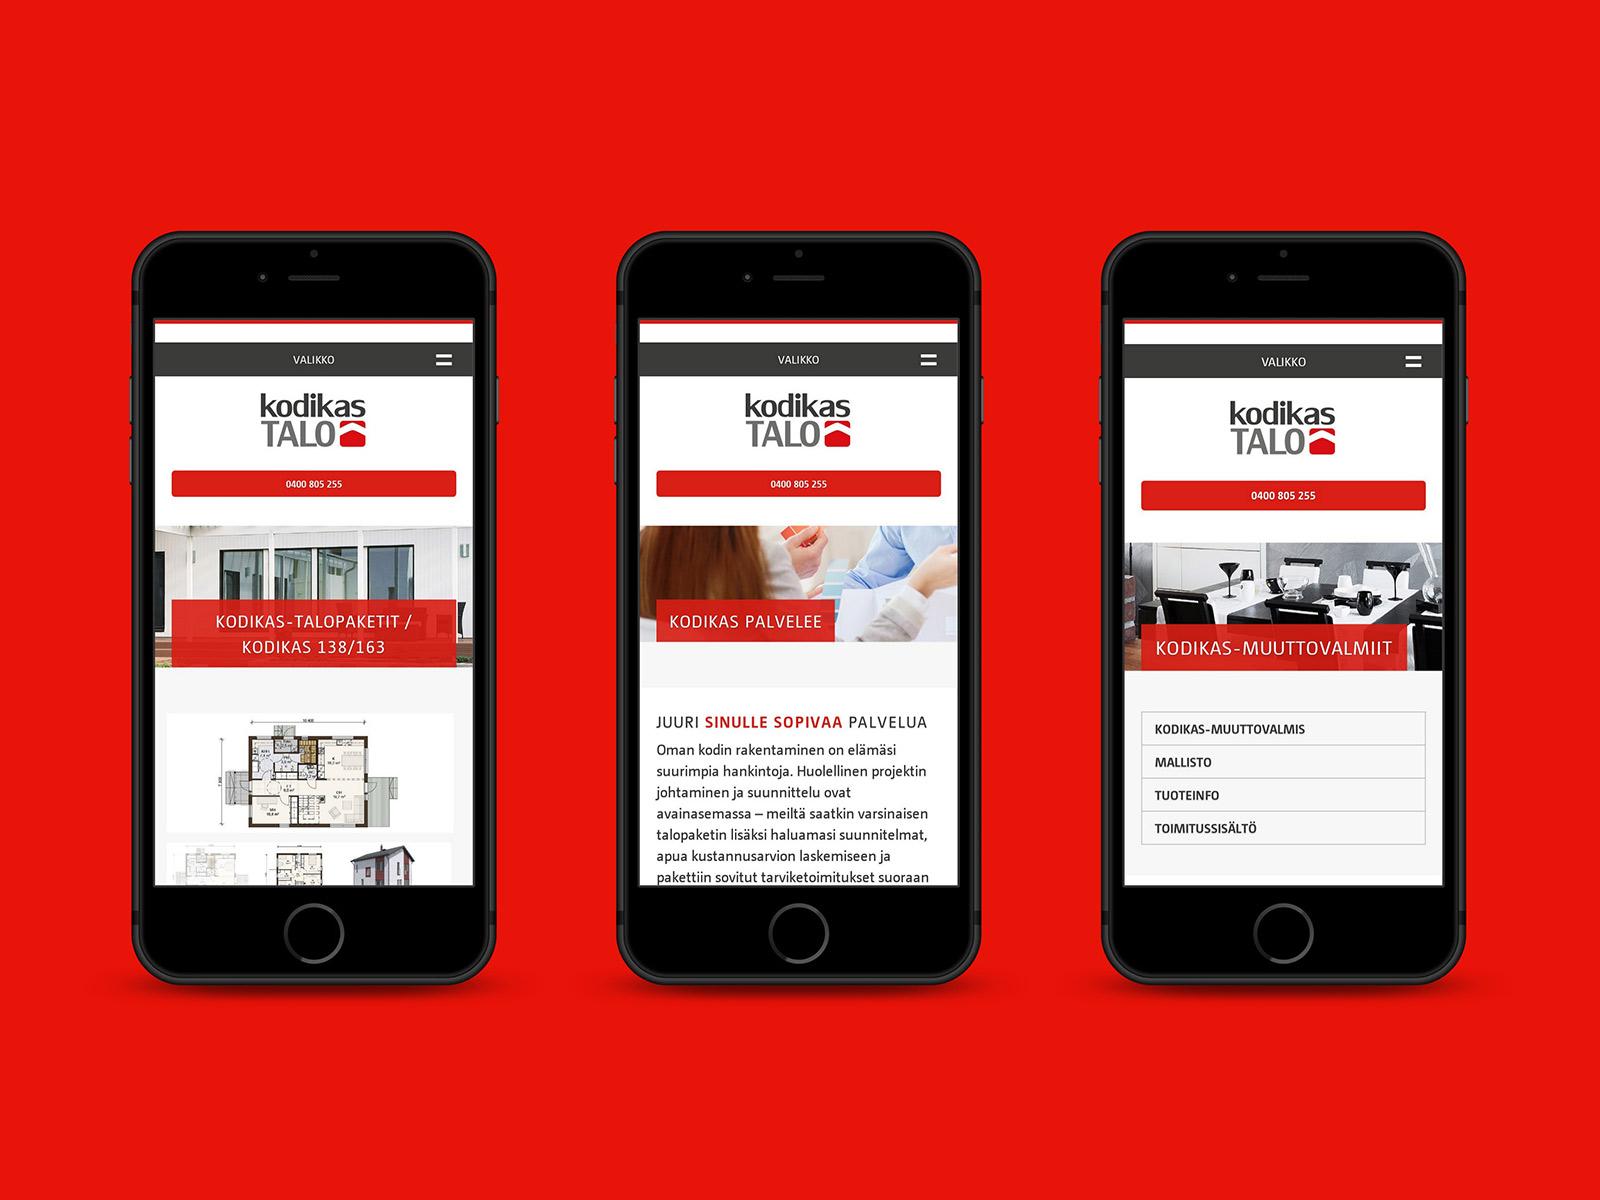 Responsiiviset nettisivut toimivat erinomaisesti mobiililaitteilla.